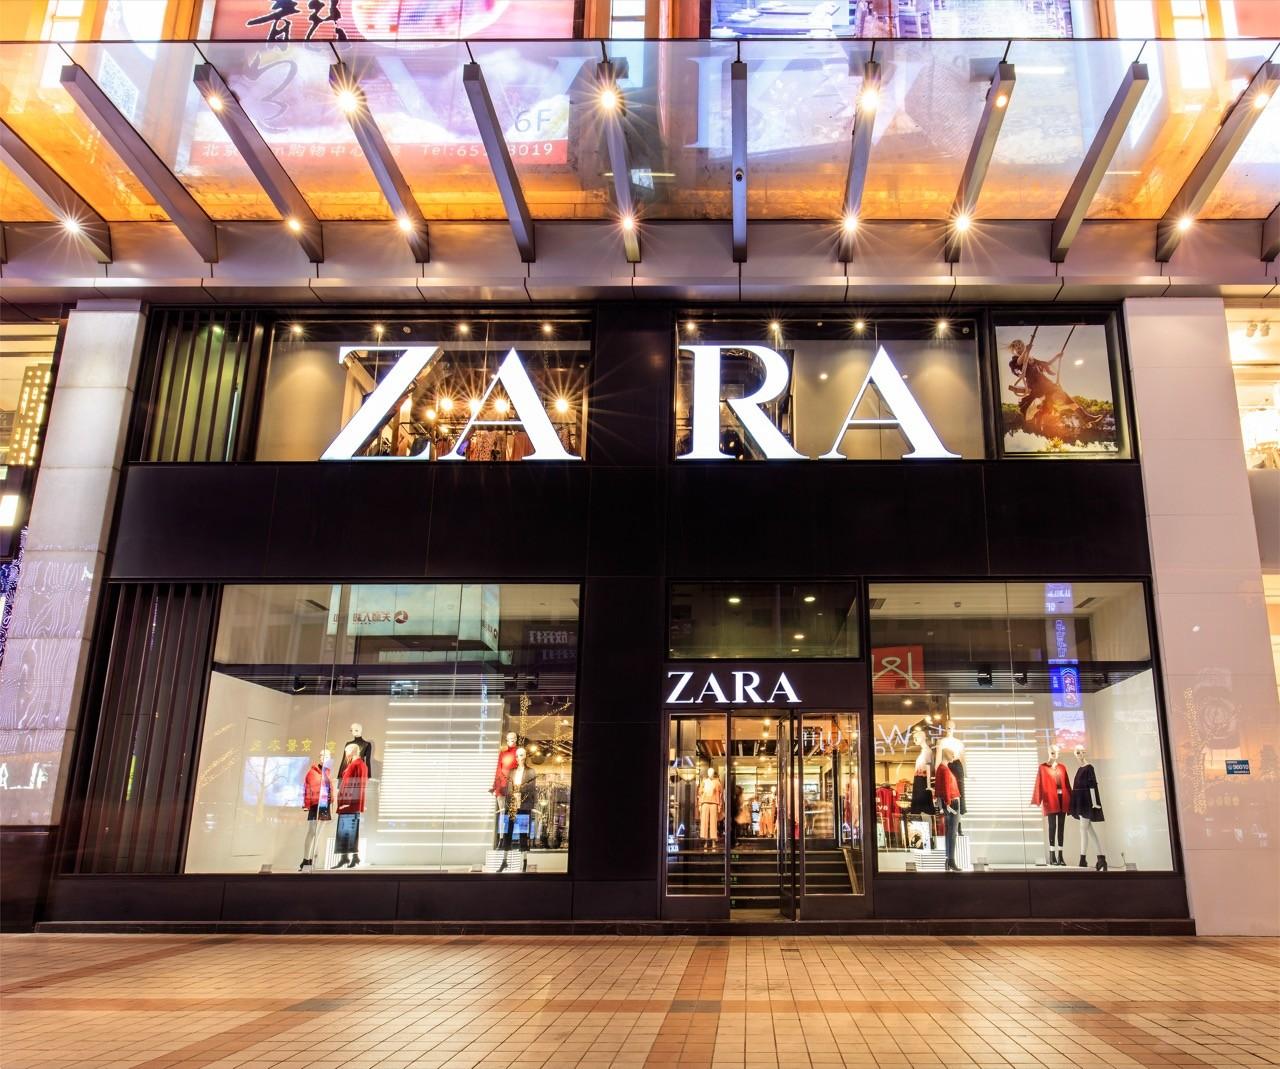 Zara母公司關全球1,200家門市,再投500億升級數位佈局